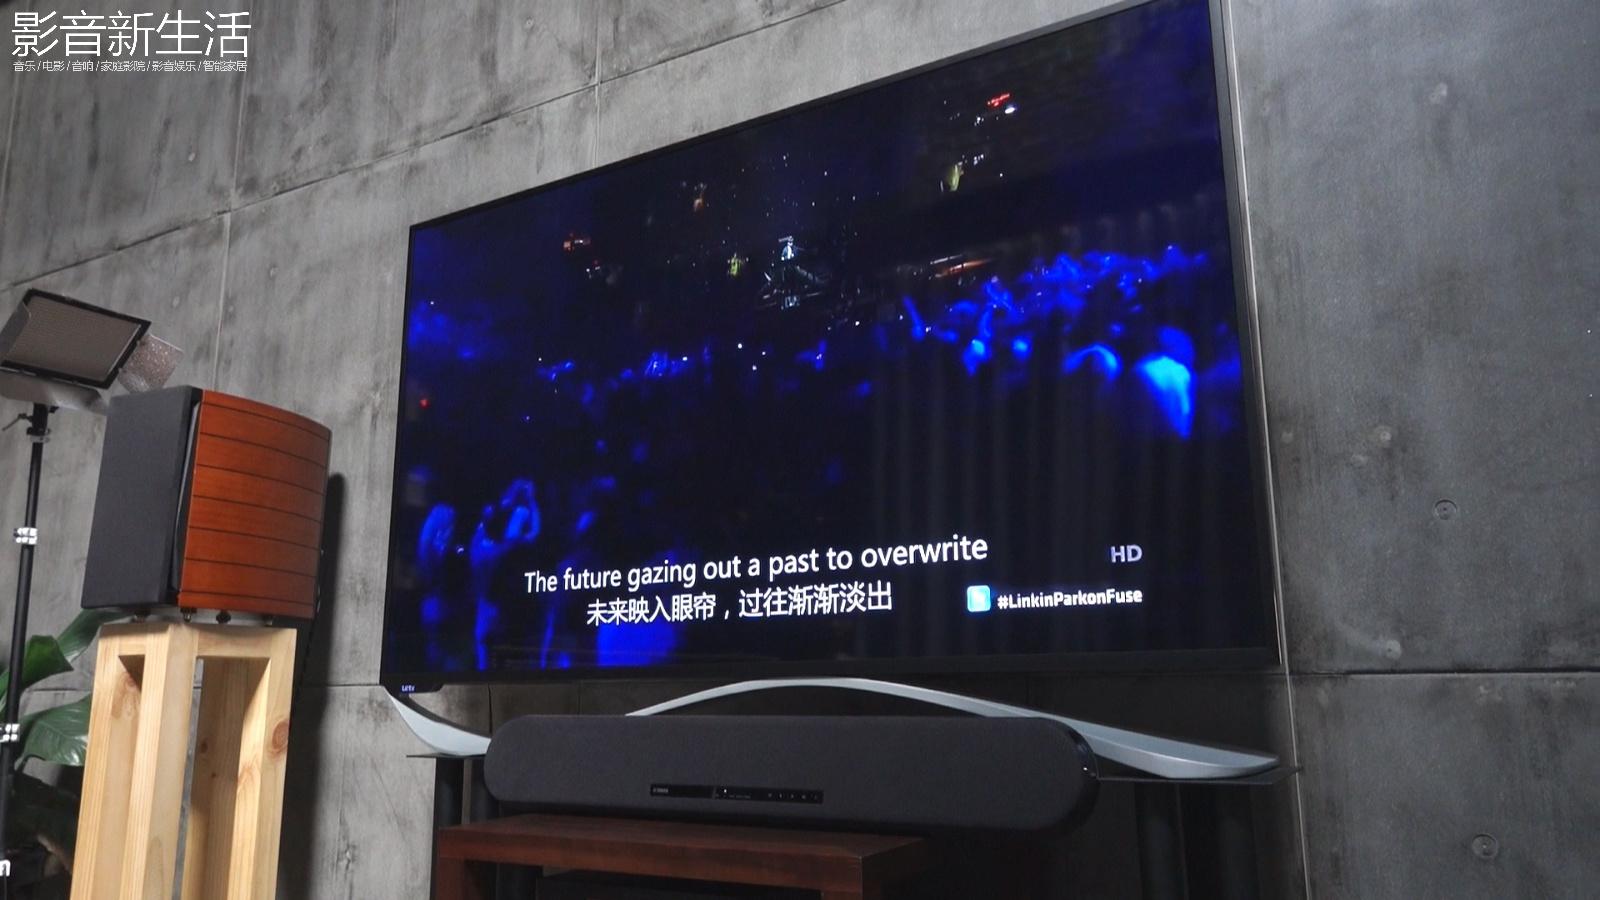 """推荐   """"采用DTS Virtual:X技术的客厅娱乐多面手"""" Yamaha雅马哈ATS-1080 Soundbar回音壁"""